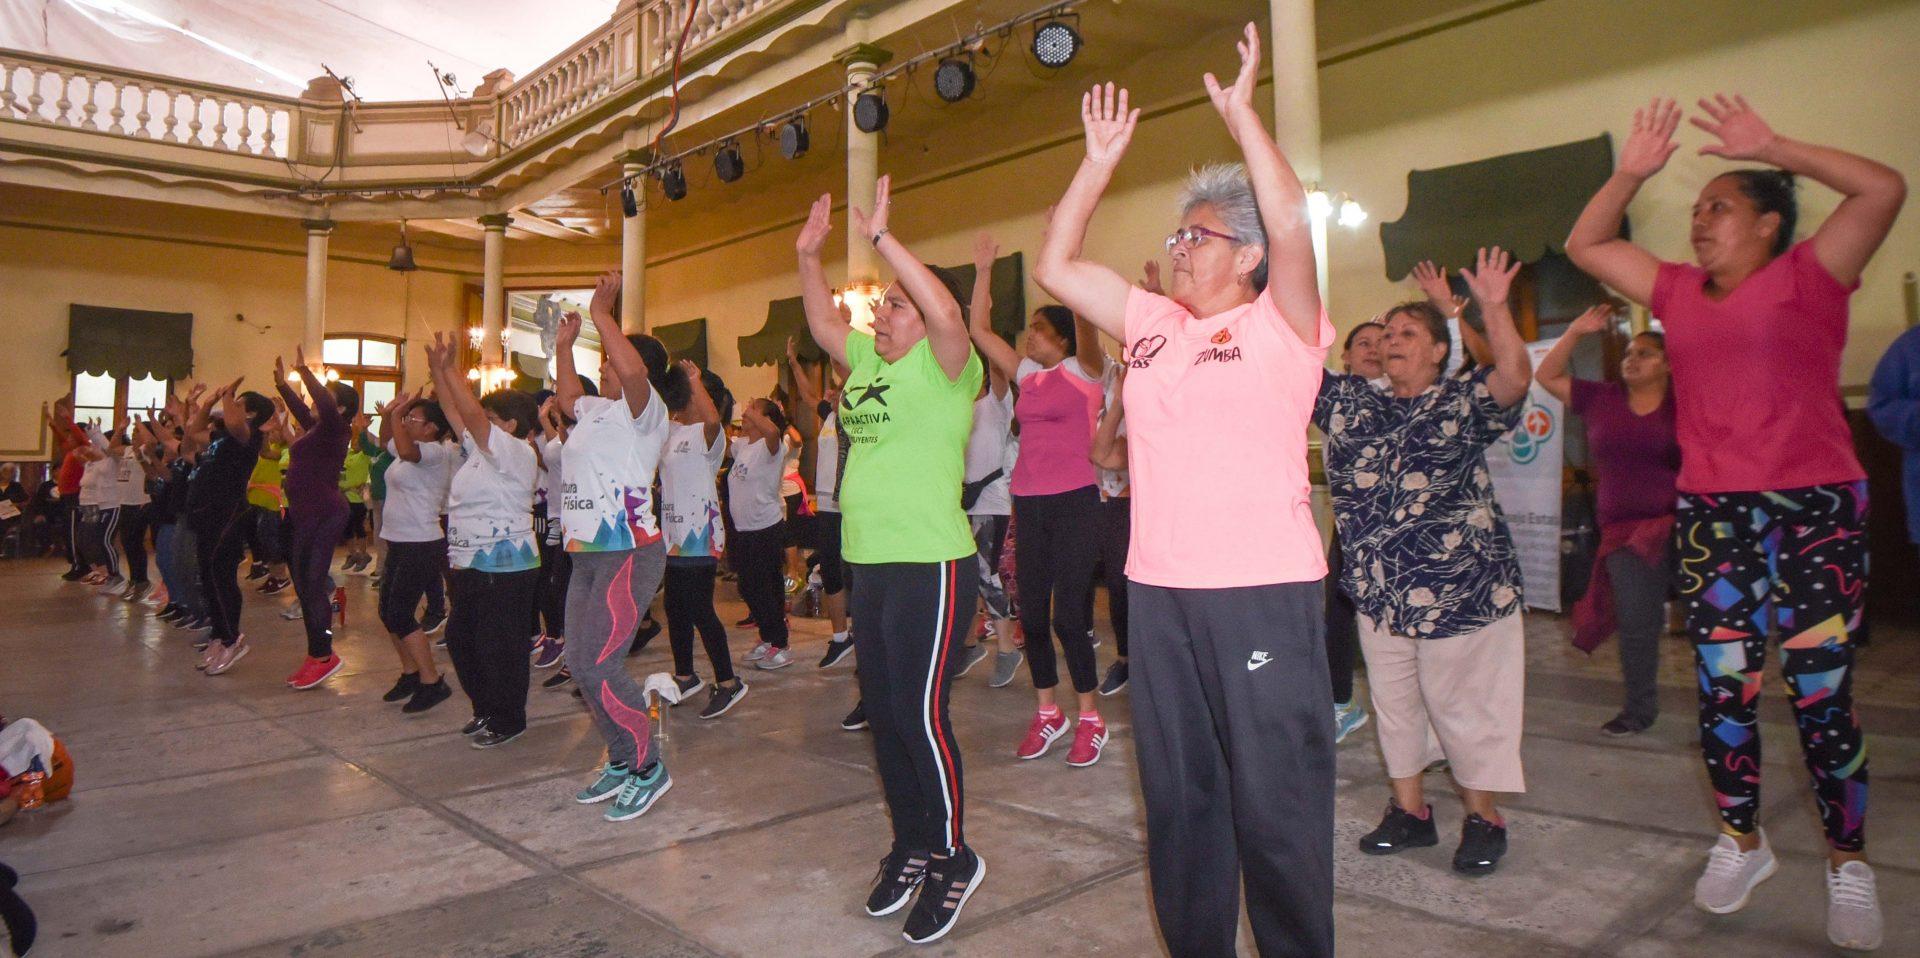 Busca ayuntamiento de Xalapa fomentar la prevención de la Diabetes con pláticas, talleres y ejercicios - plumas libres